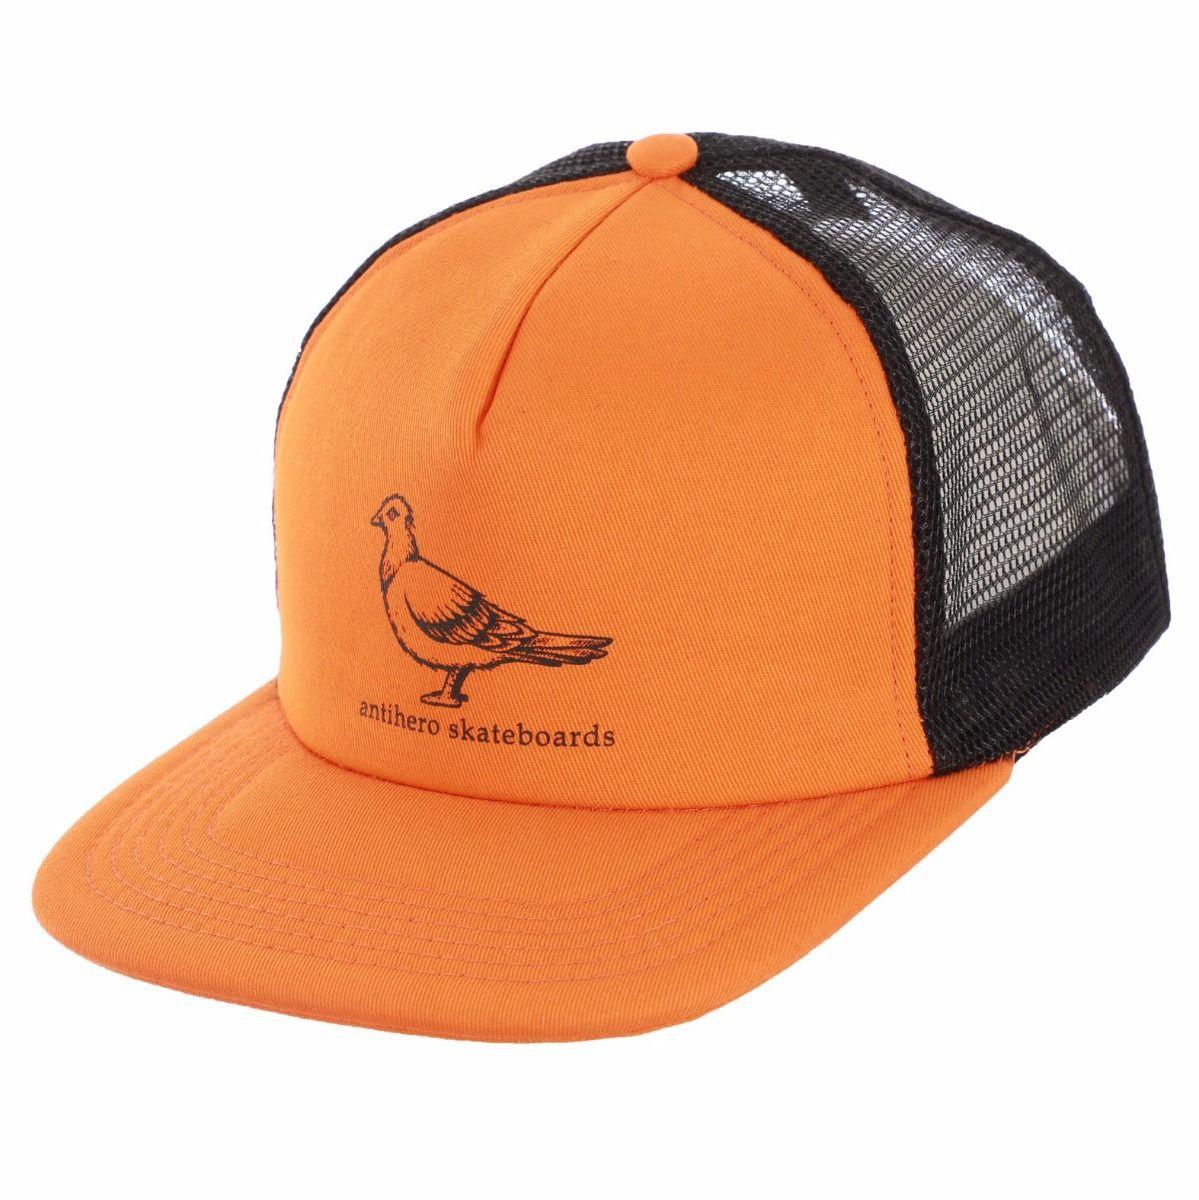 Casquette Anti Hero Pigeon Orange Black